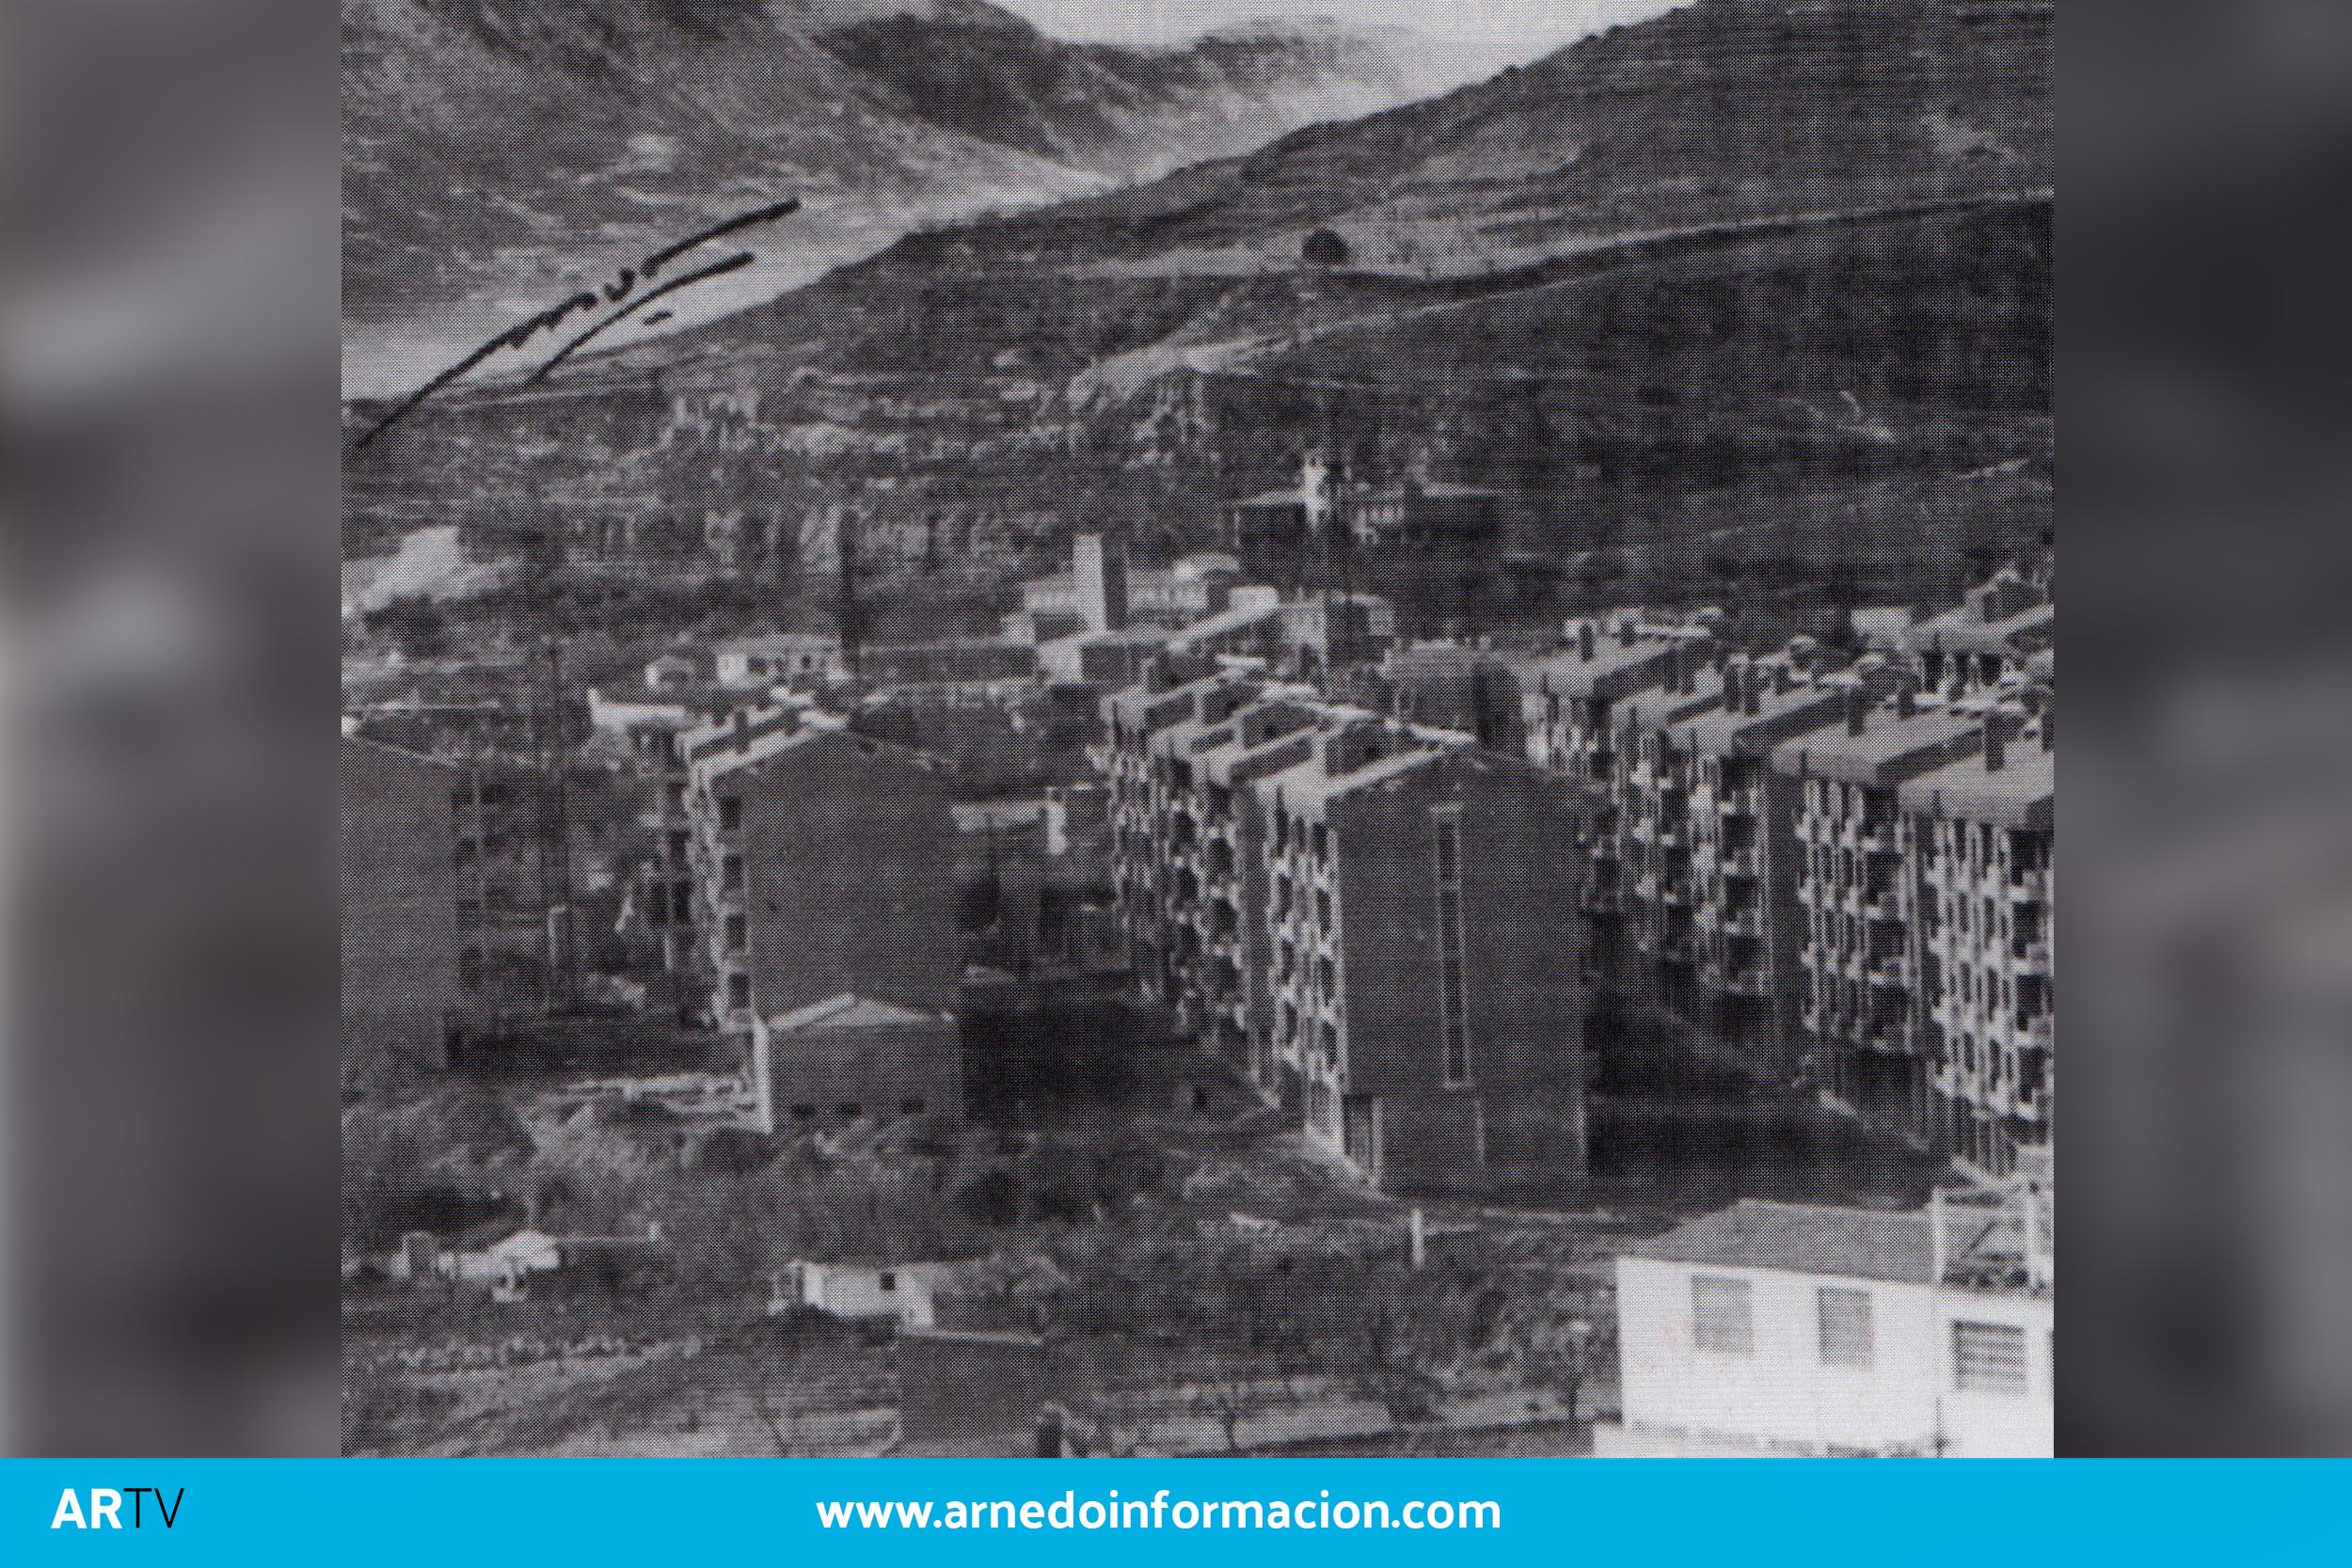 Barrio de la Paz, 1978